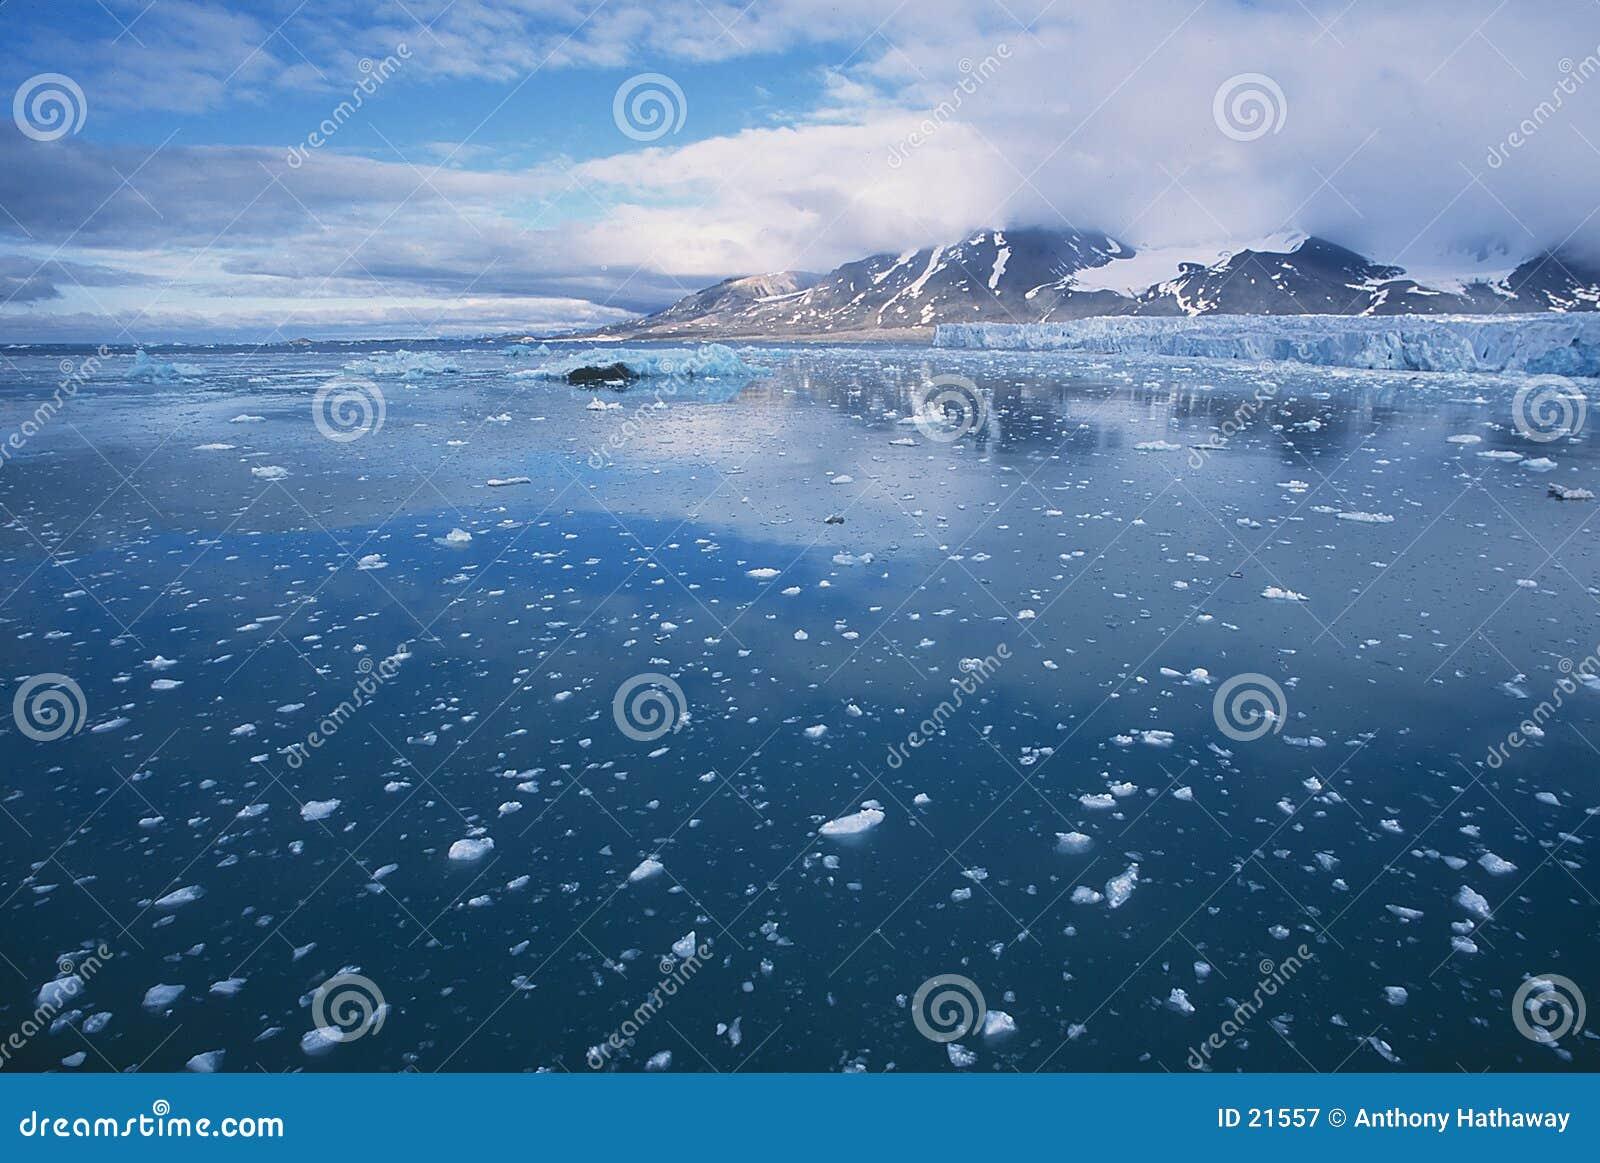 冰川摩纳哥